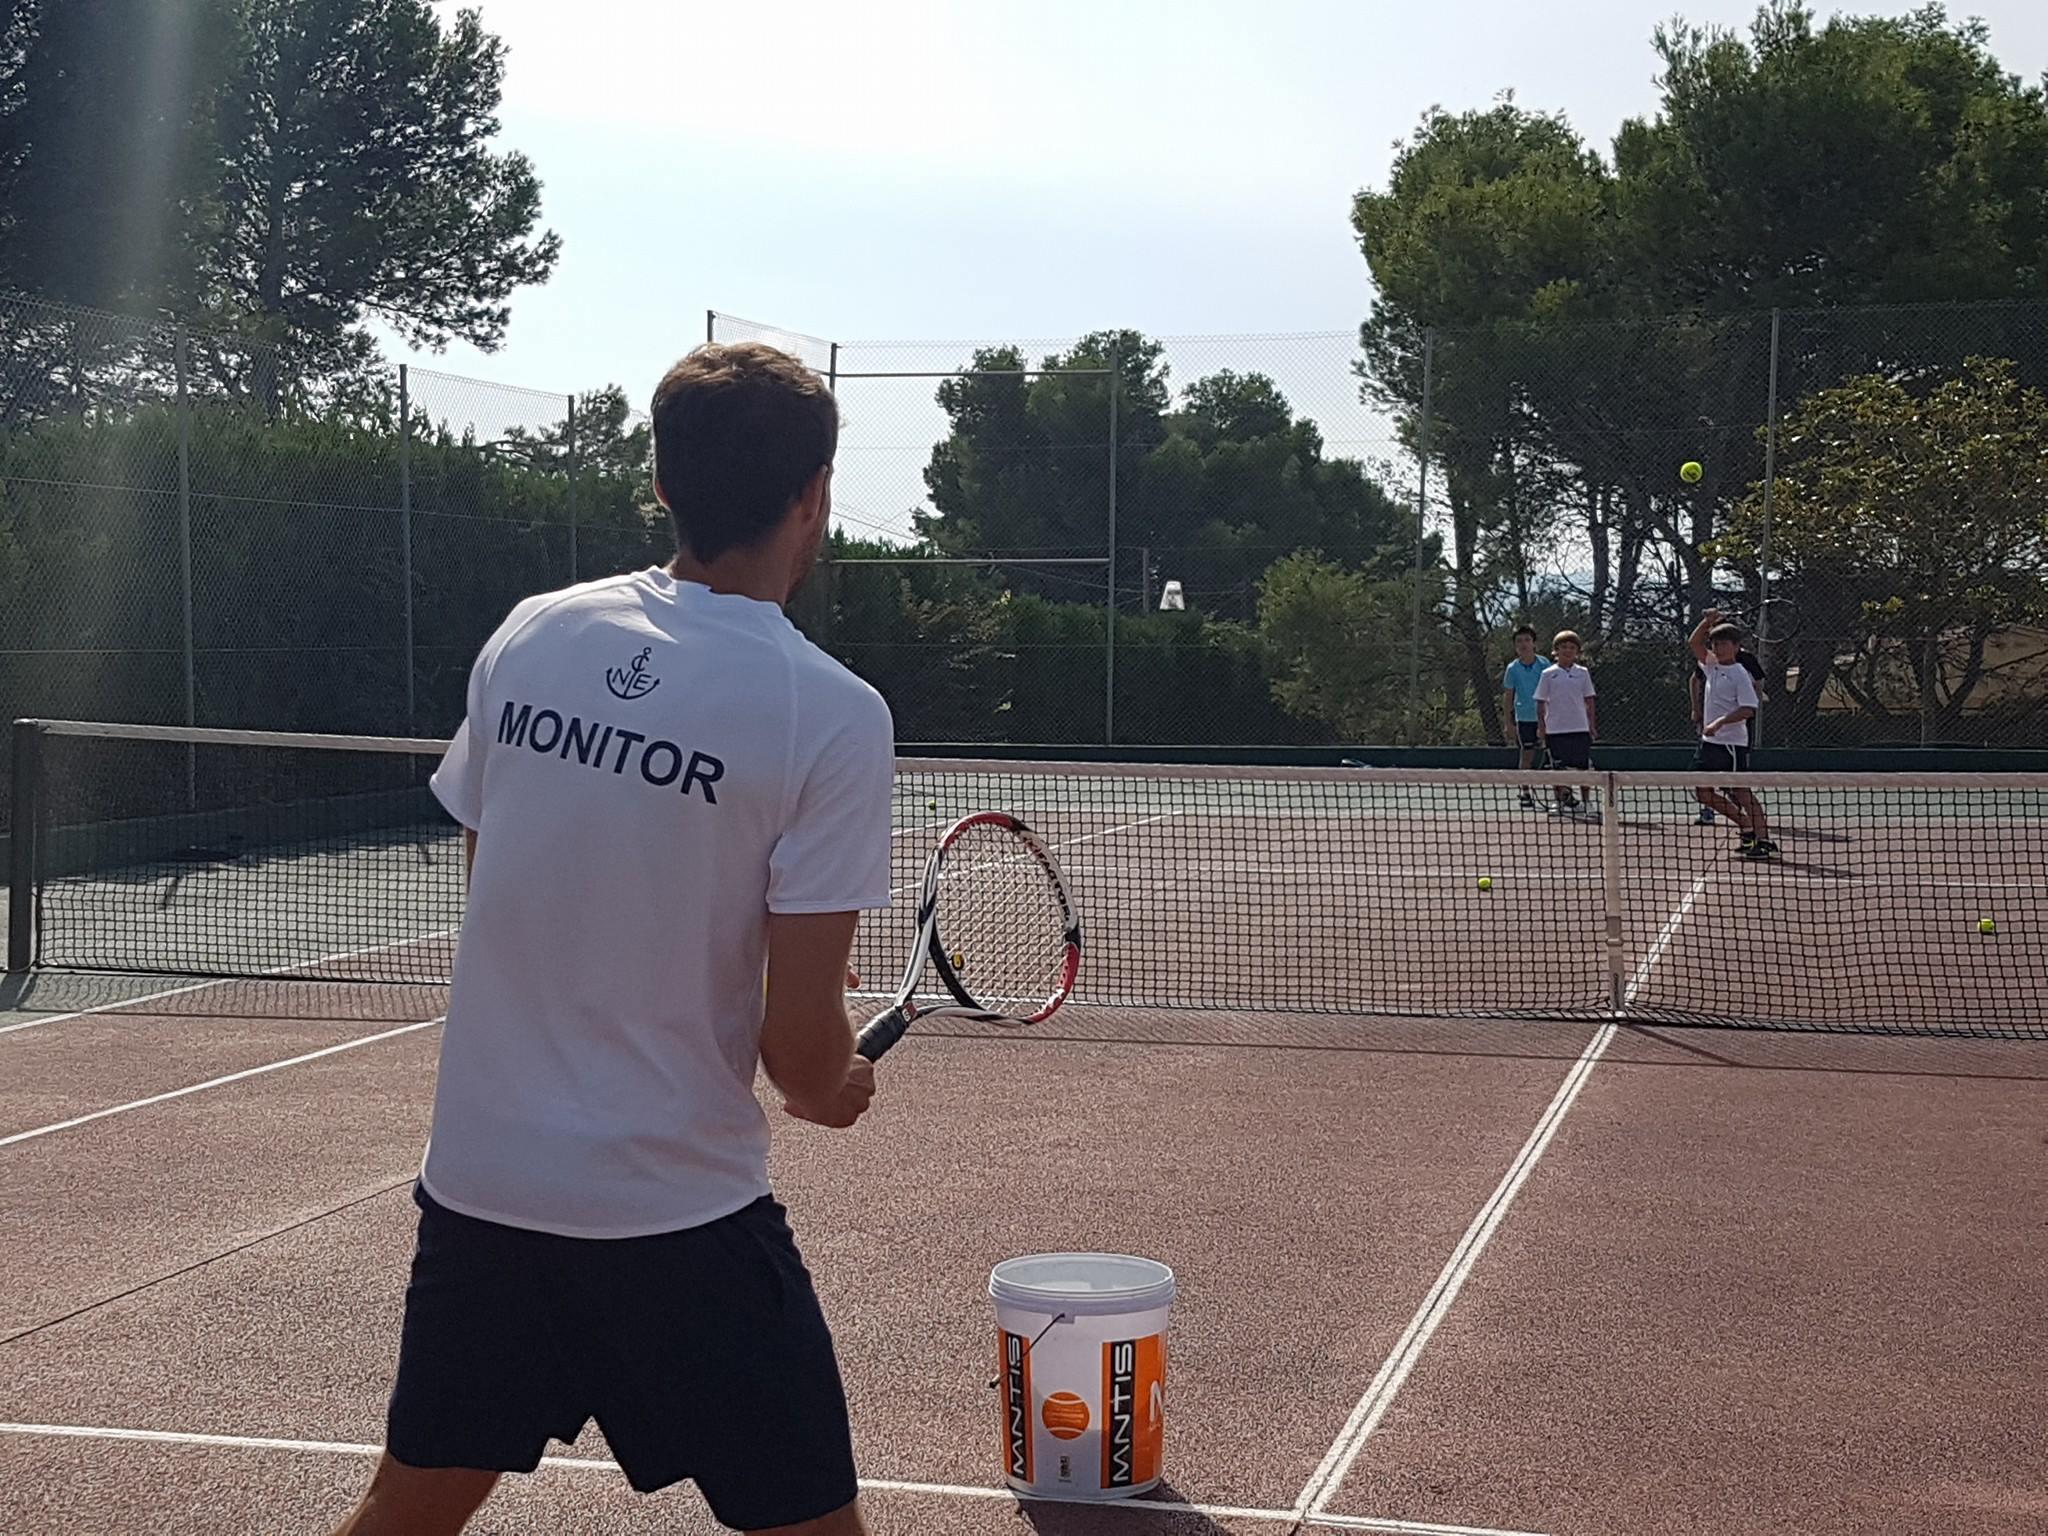 escola de tennis hivern 2018/2019